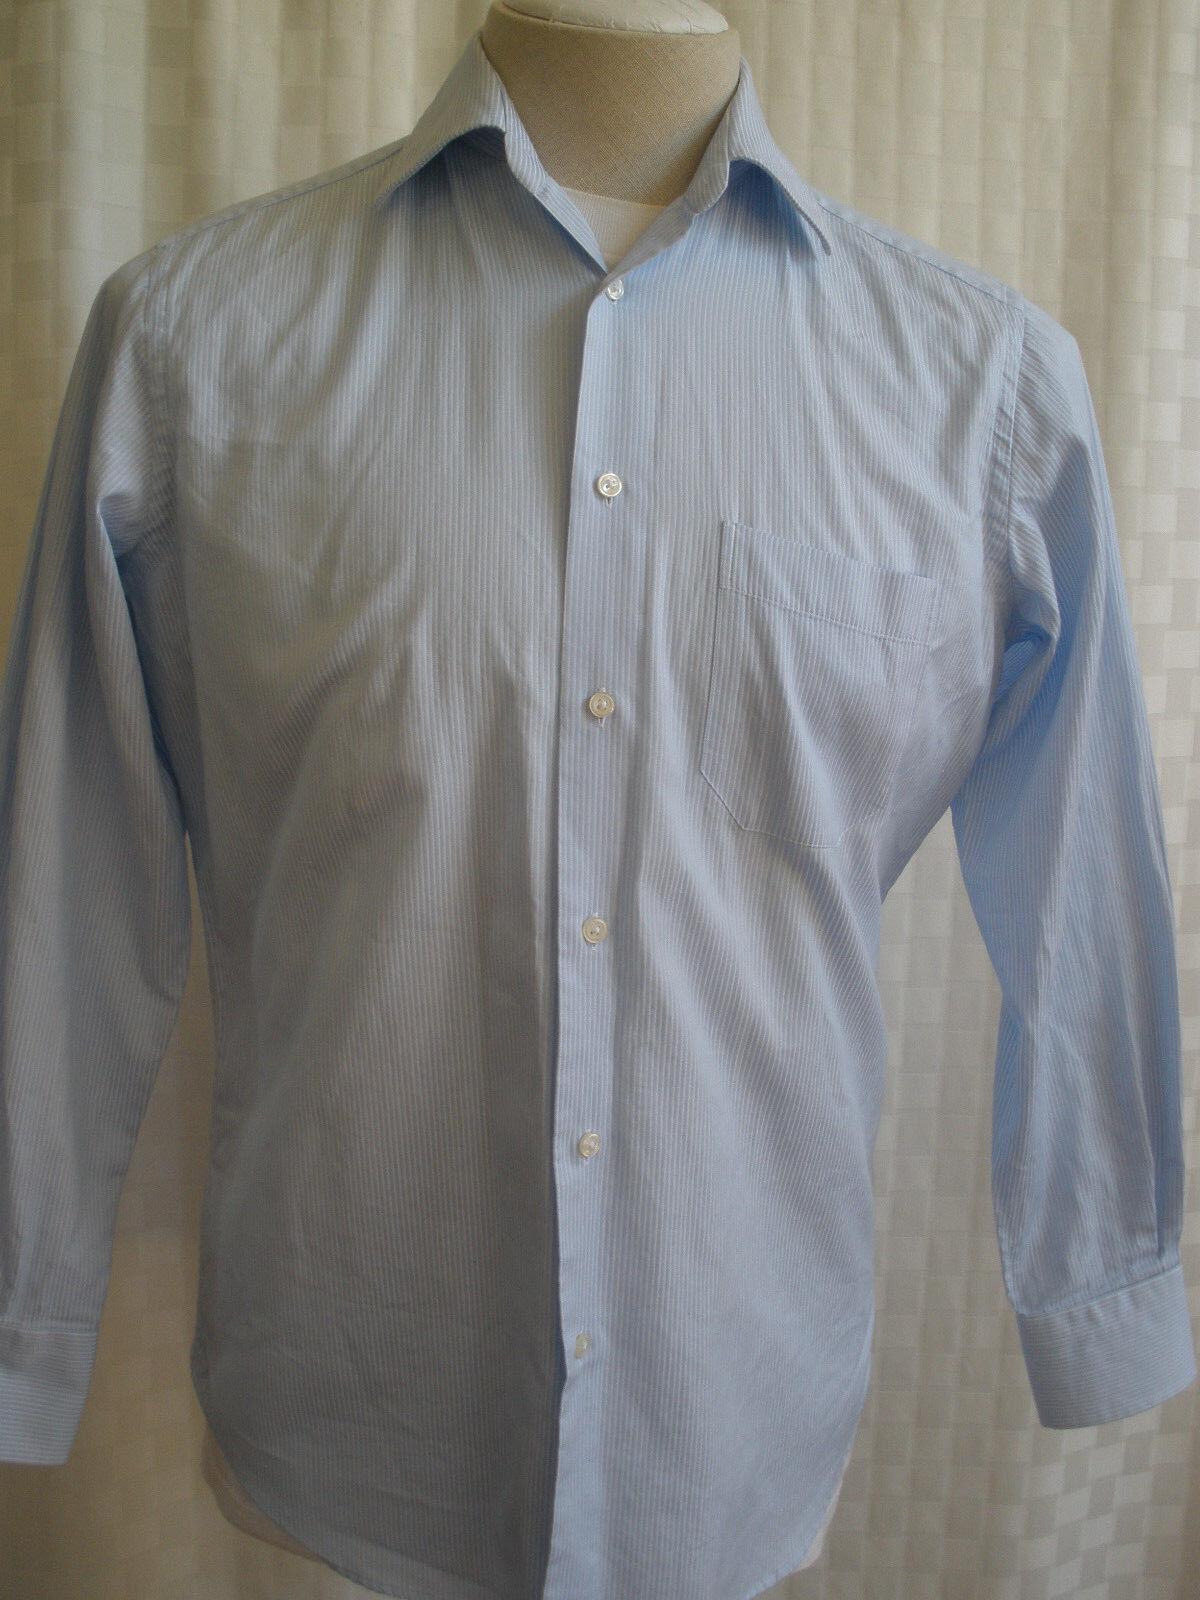 Boss Hugo Boss Classic Fit Algodón camisa de  mangas largas Talla 14.5 (32-33) Buen  145  los nuevos estilos calientes